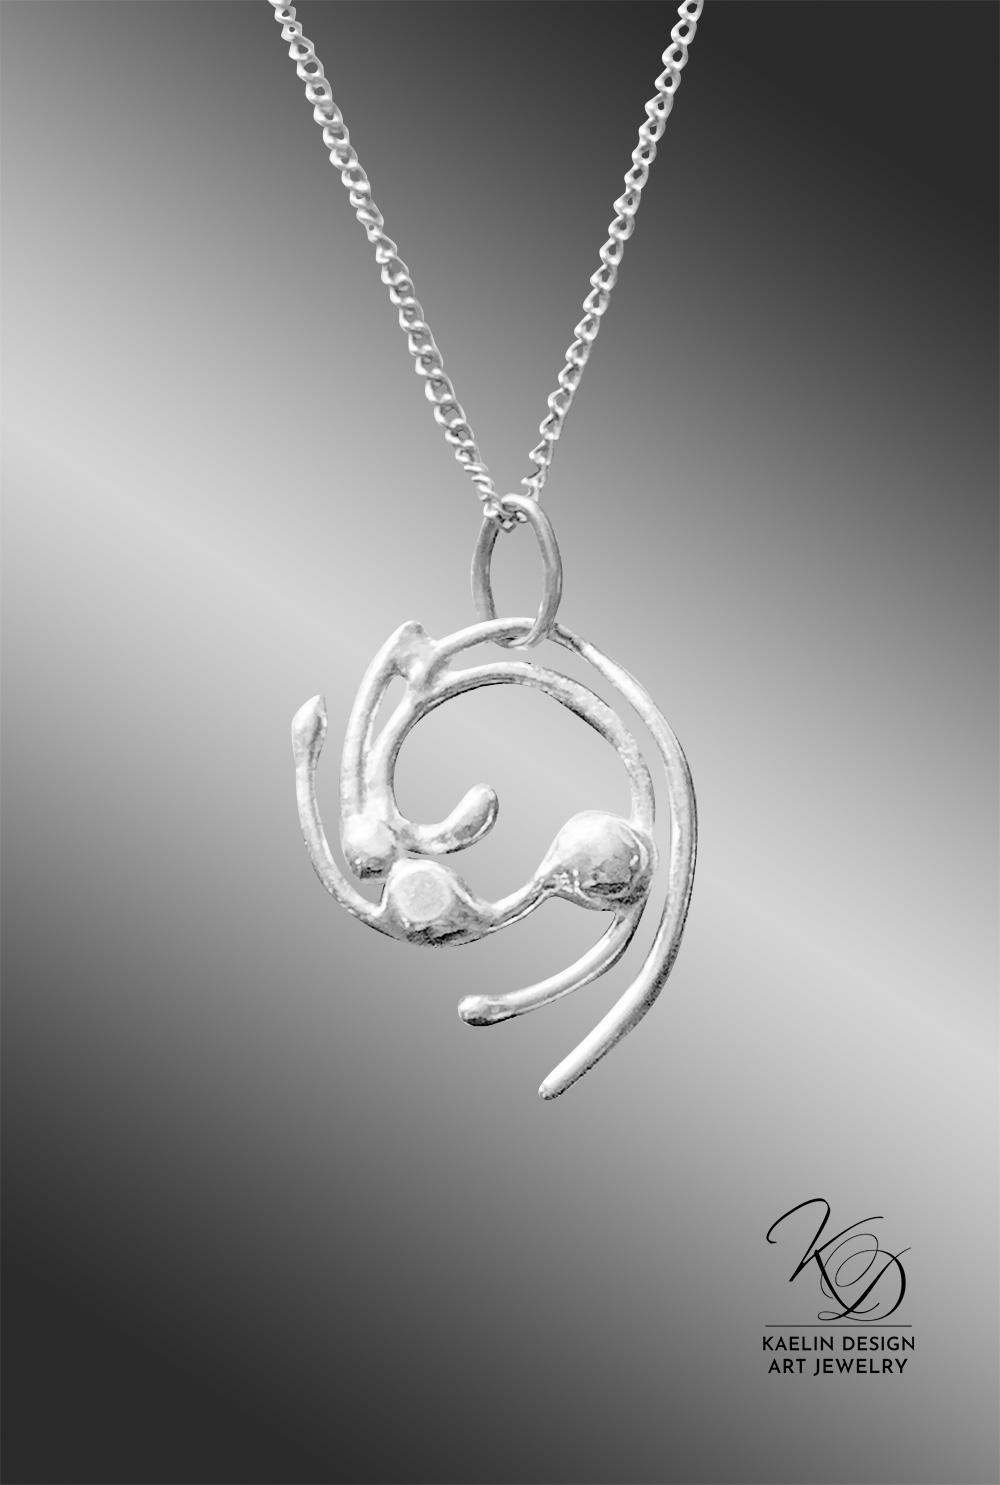 Yamuna Sterling Silver Art Jewelry Pendant by Kaelin Design